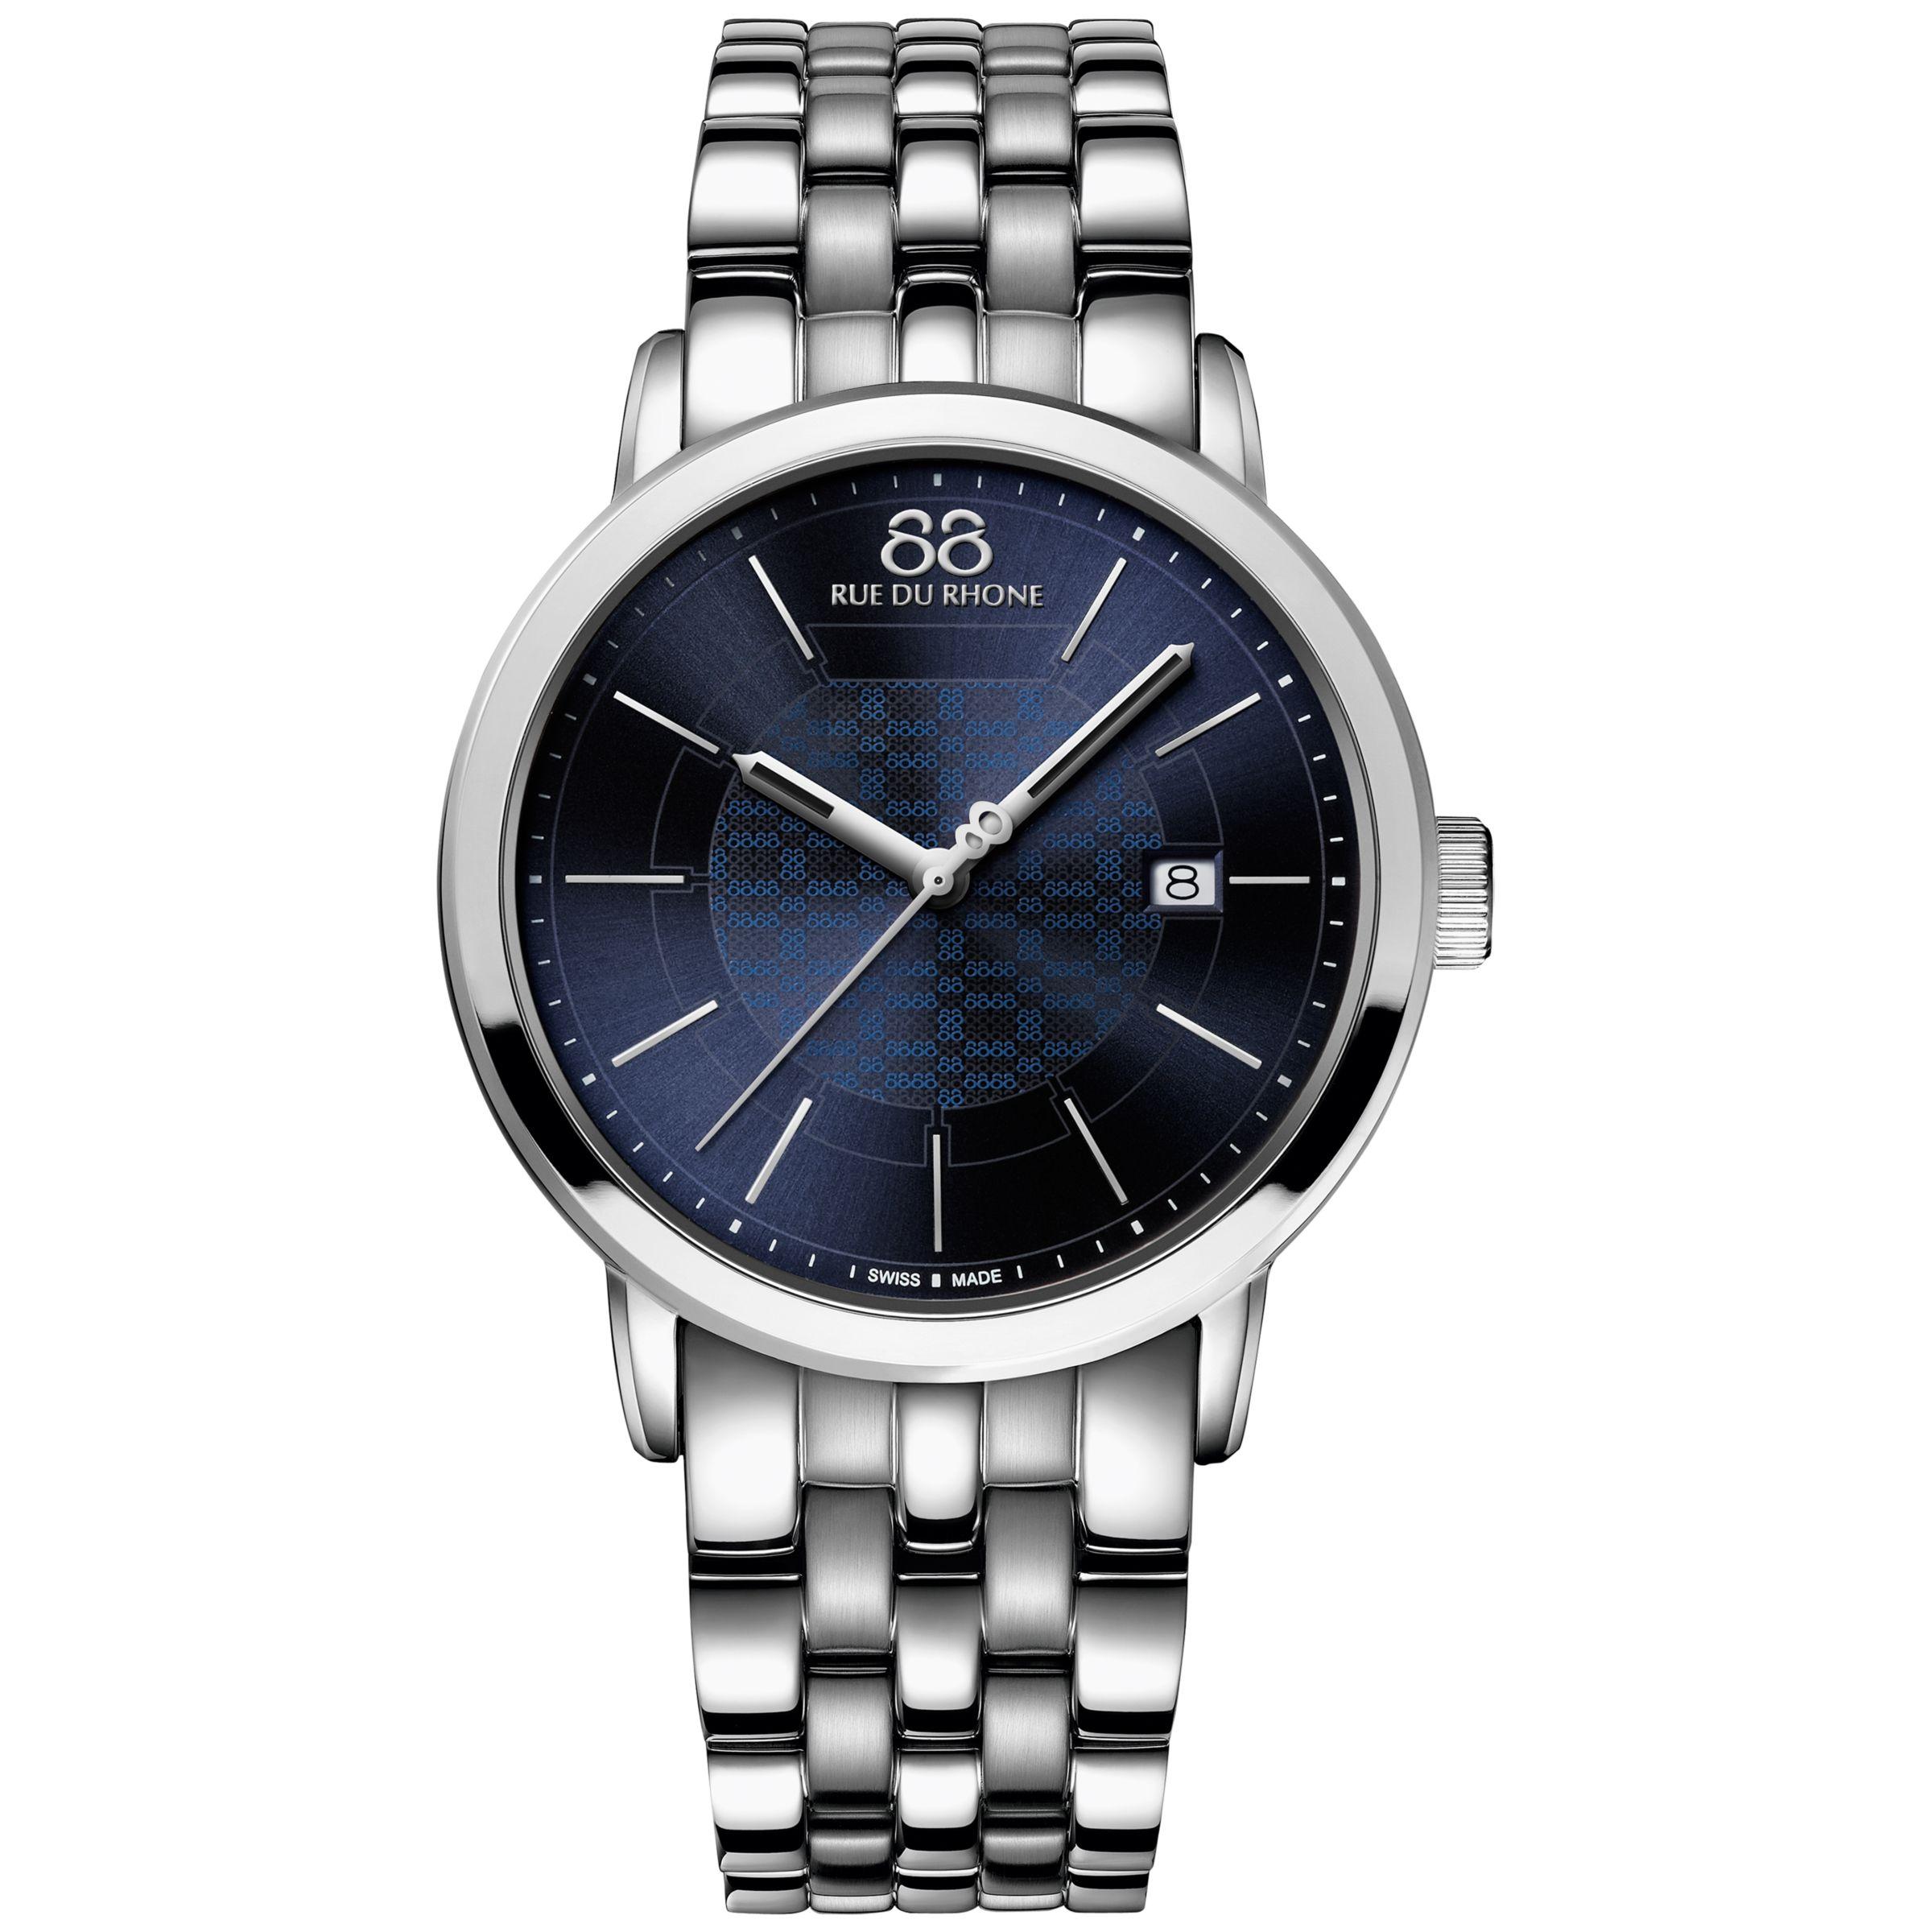 88 Rue Du Rhone 88 Rue Du Rhone 87WA140024 Men's Double 8 Origin Stainless Steel Bracelet Strap Watch, Silver/Blue